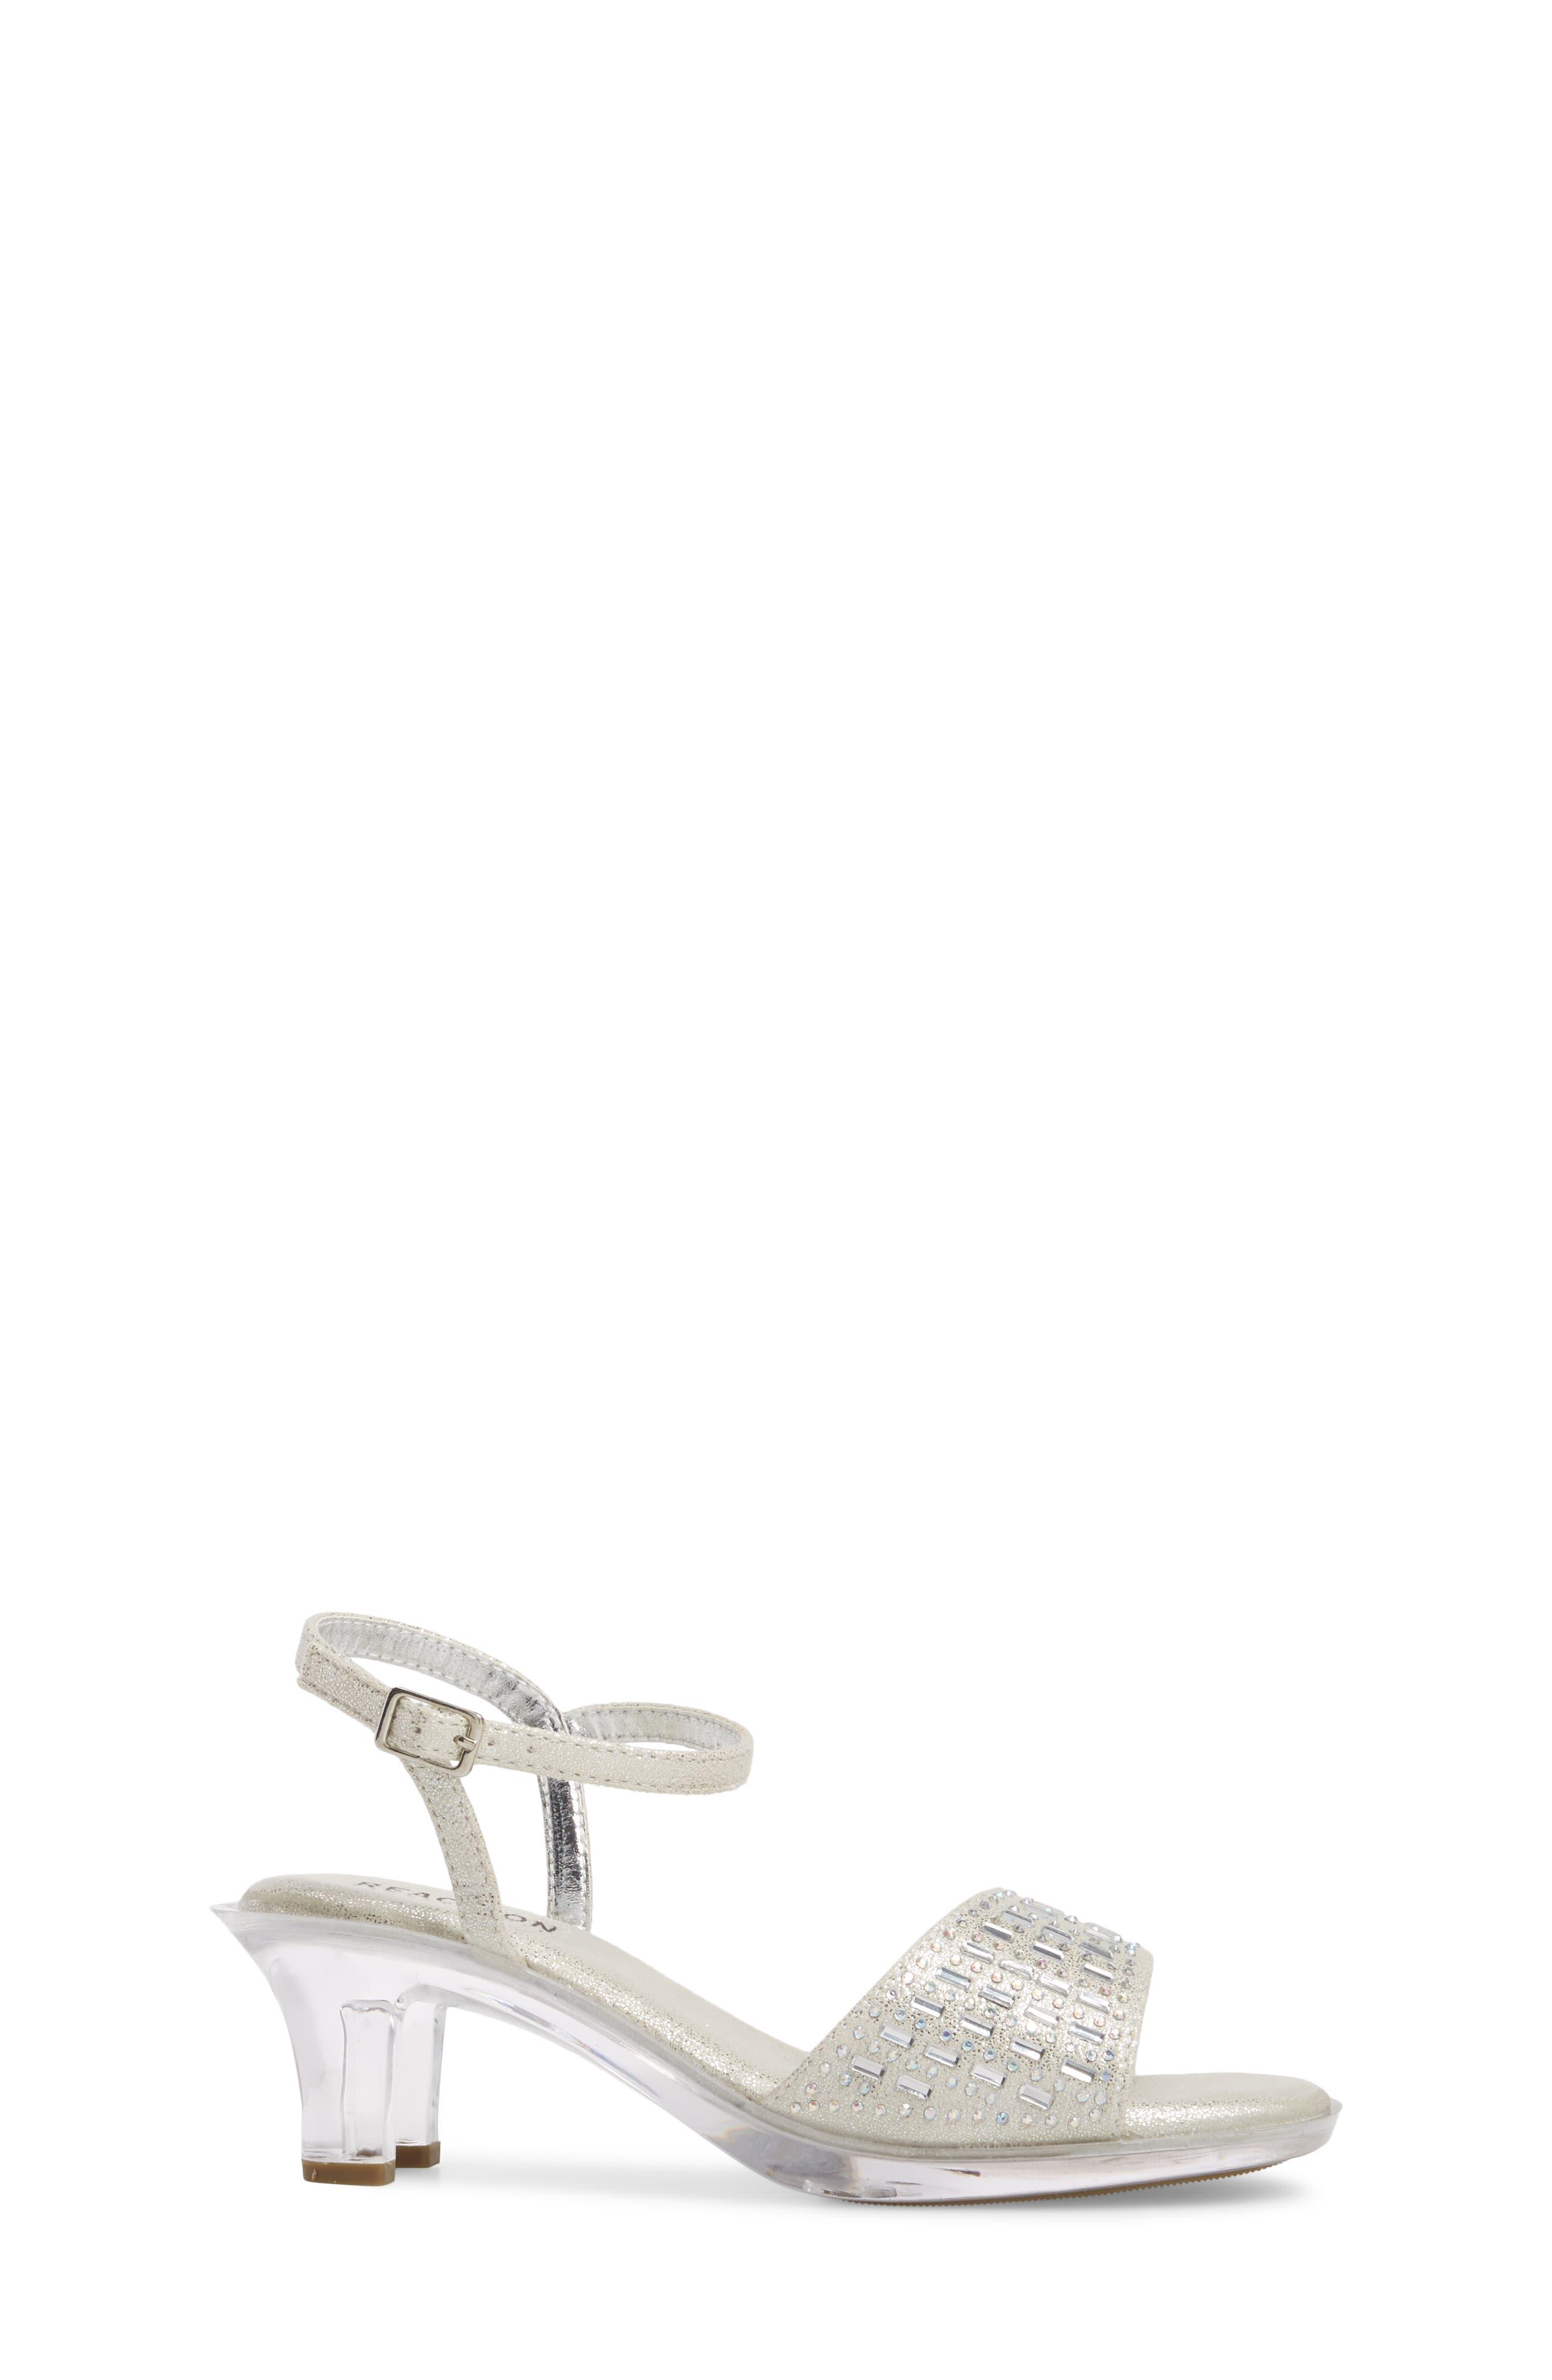 Cind-R-Ella Embellished Sandal,                             Alternate thumbnail 3, color,                             Silver